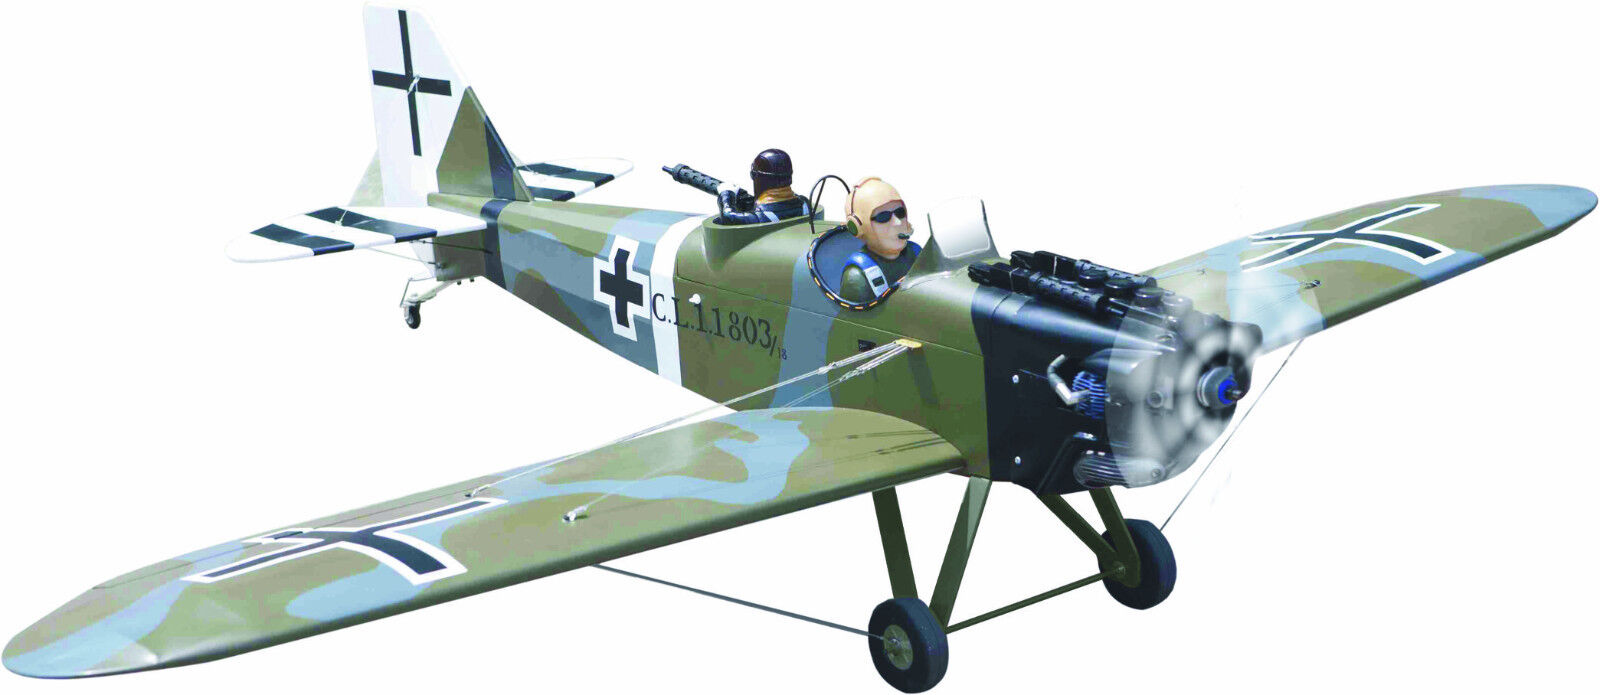 stanno facendo attività di sconto Junkers CLI ARF SIMPROP 0291579 1750 1750 1750 M APERTURA ARF  i nuovi stili più caldi